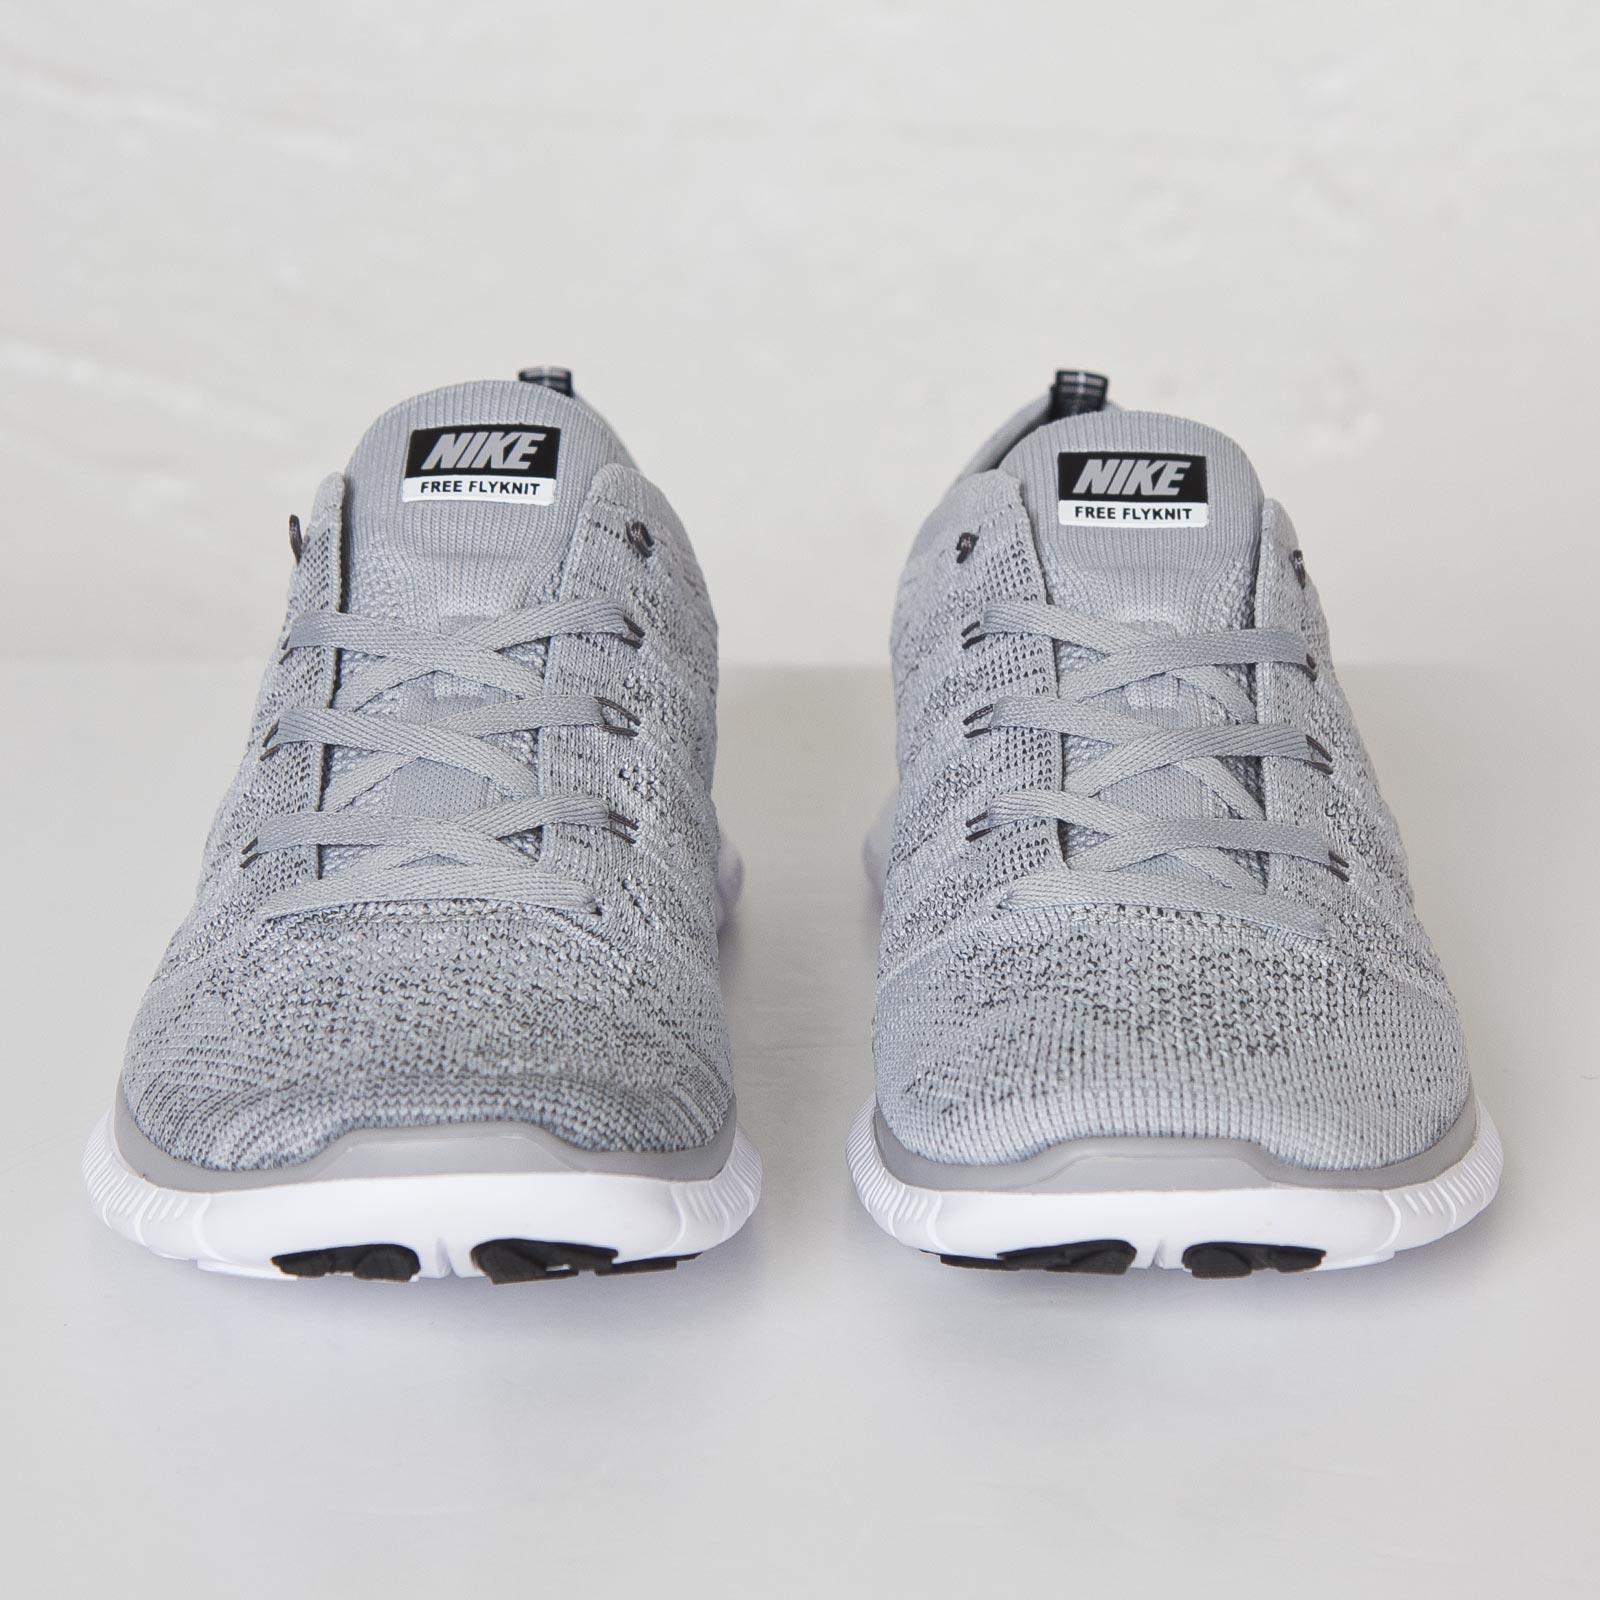 278b6e9ed5284 Nike Free Flyknit NSW - 599459-002 - Sneakersnstuff